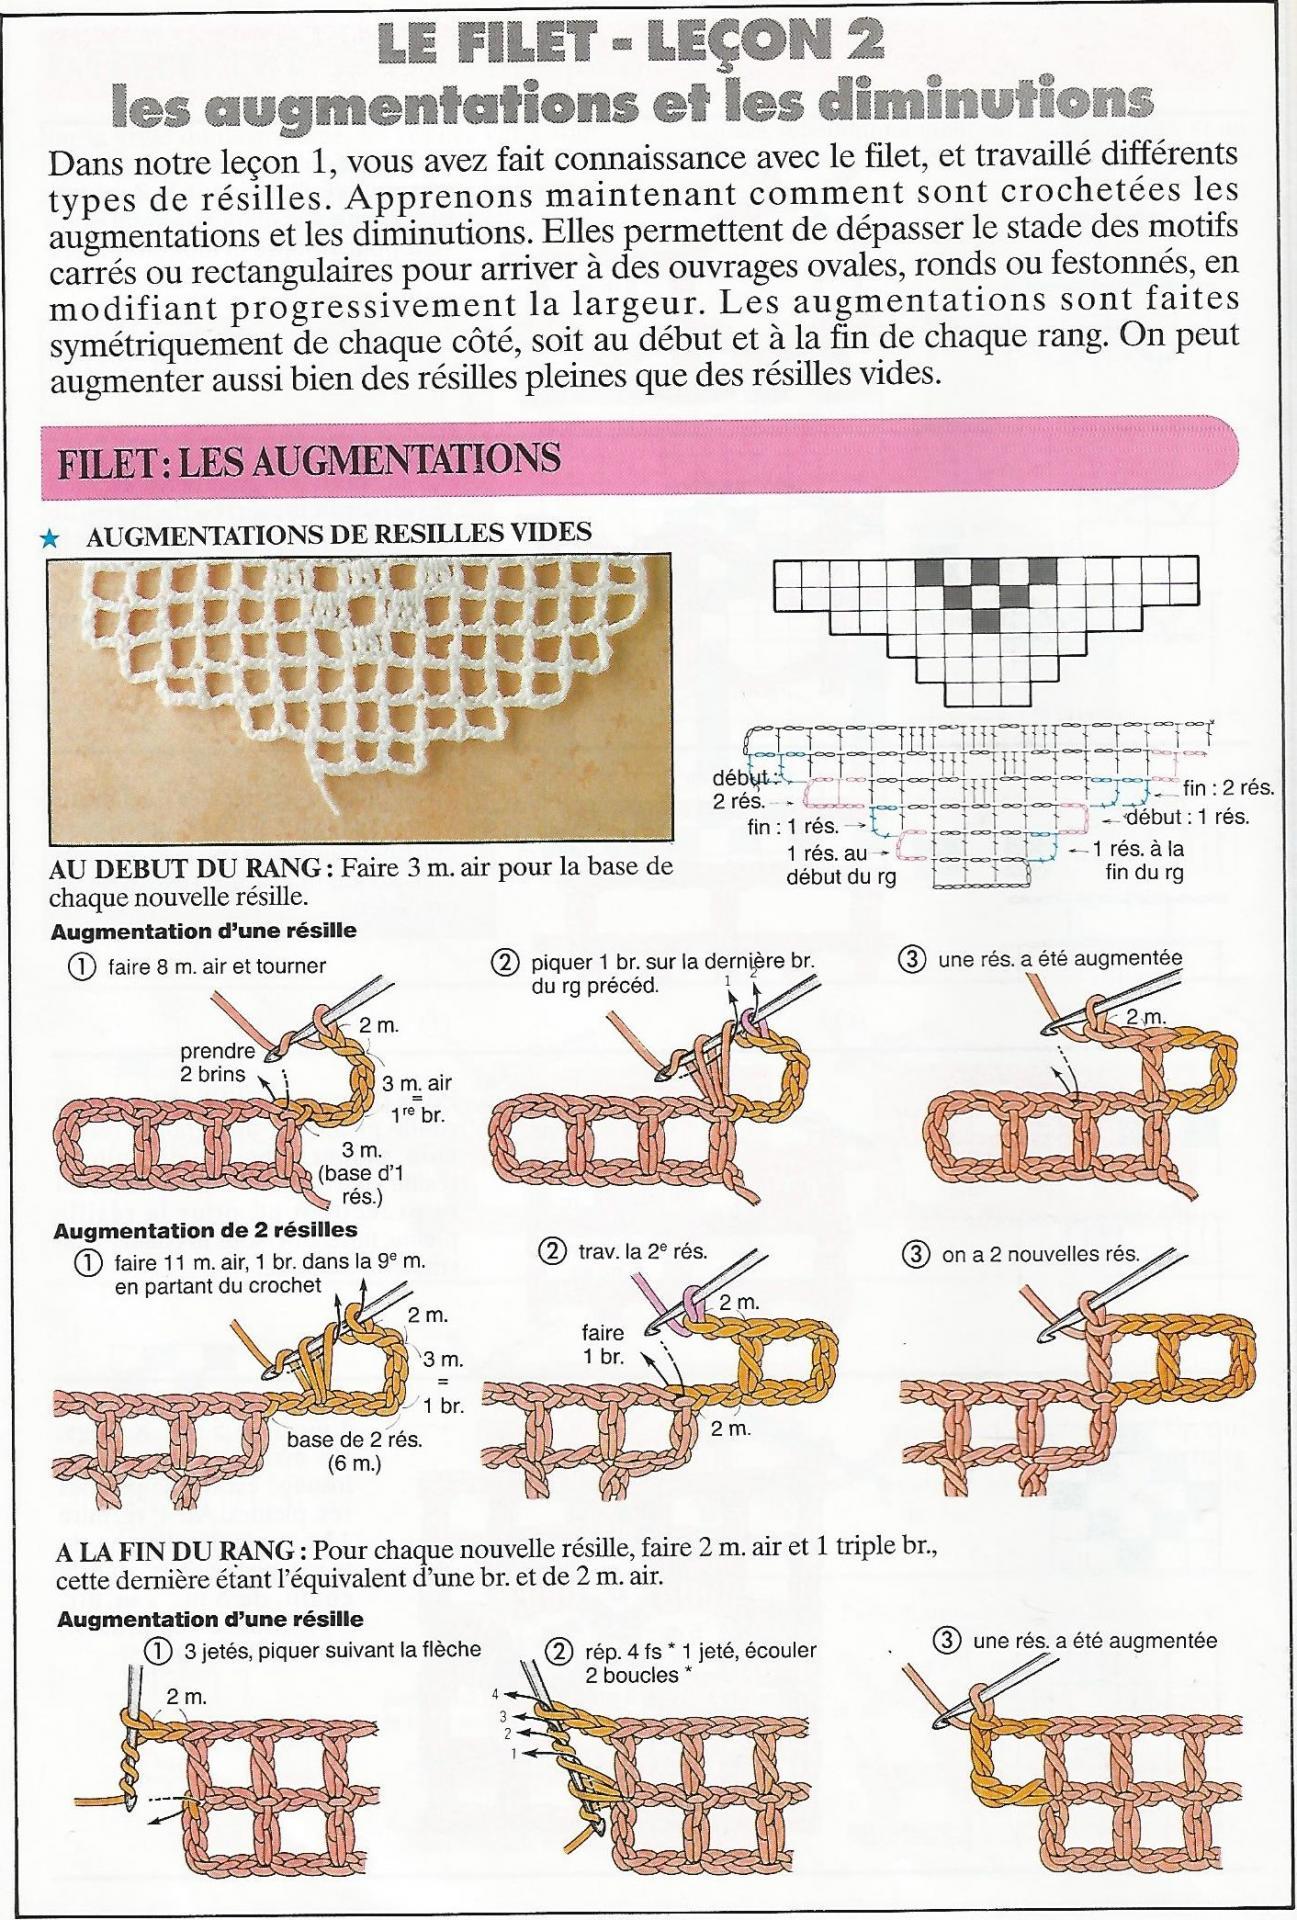 Crochet filet lecon 20001